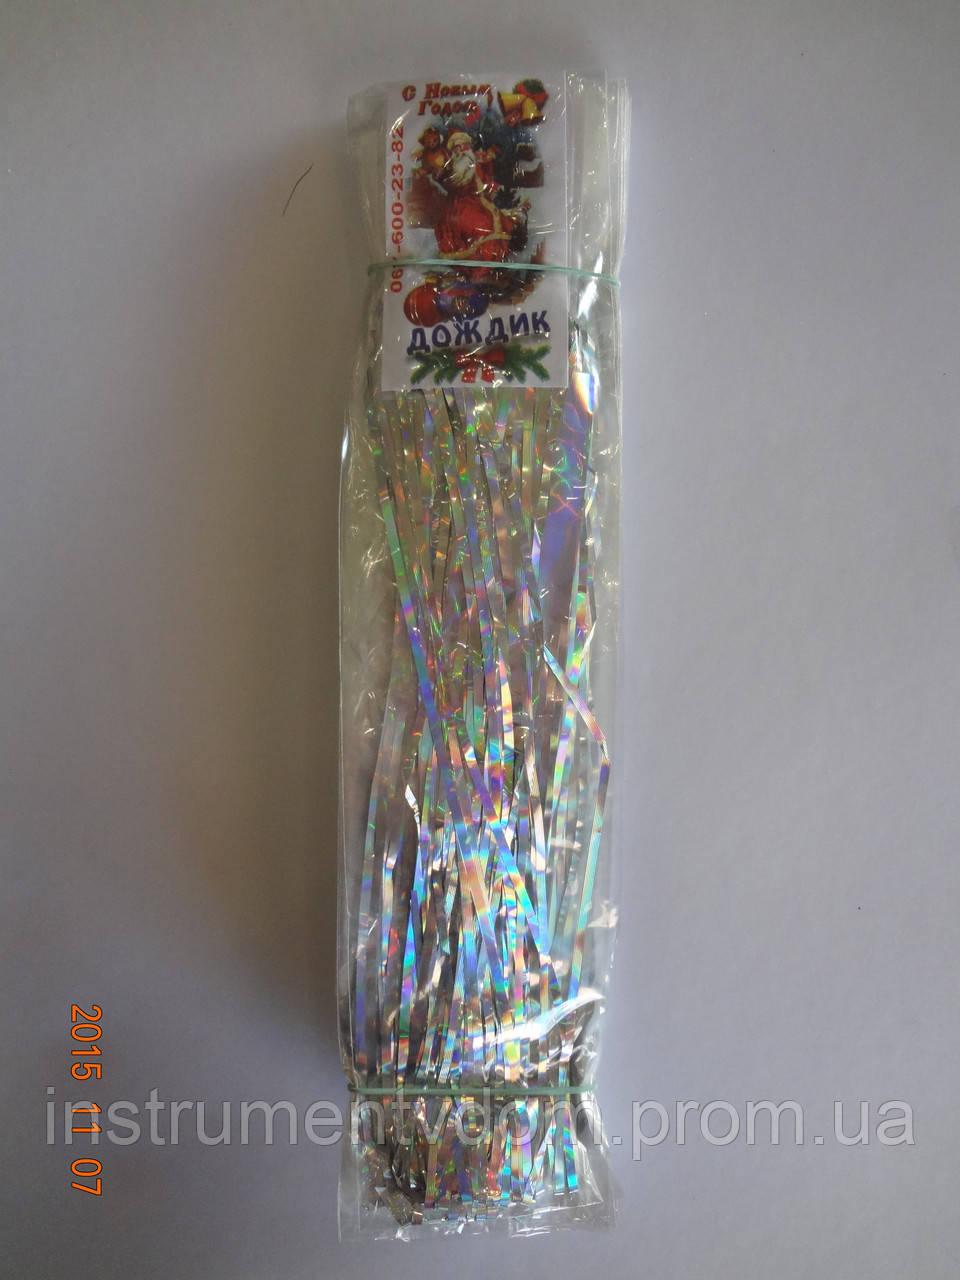 Дождик резаный серебристый с отливом (набор 10упаковок)